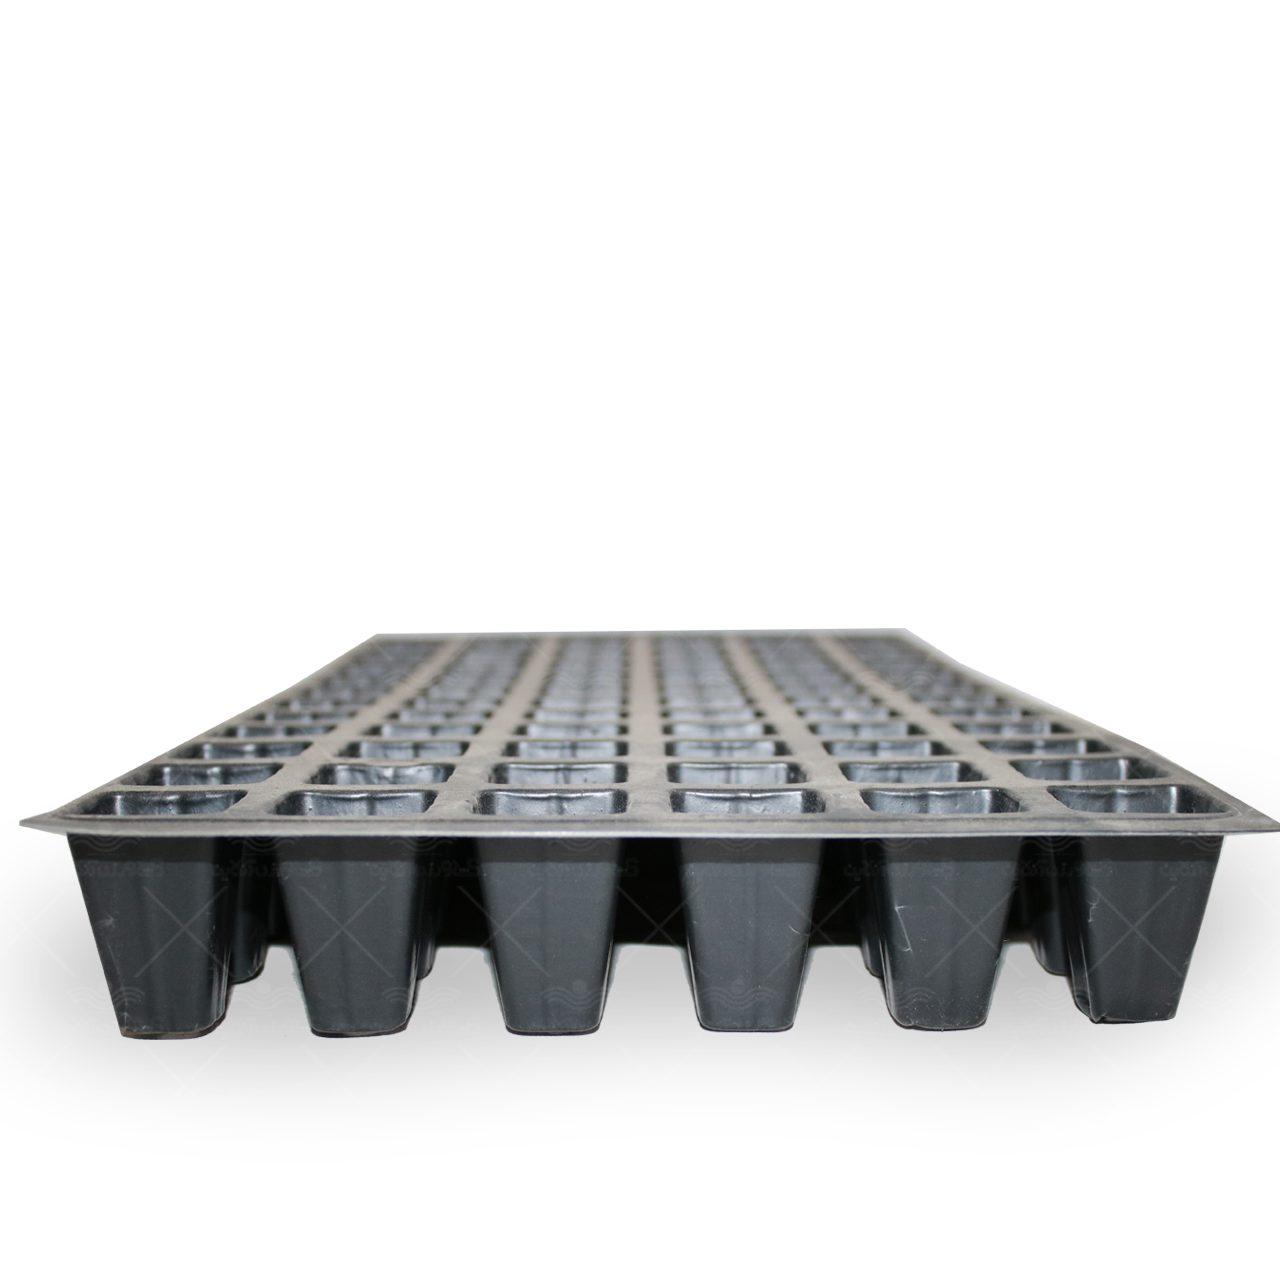 سینی نشاء یکبار مصرف 72 حفره بدون لبه